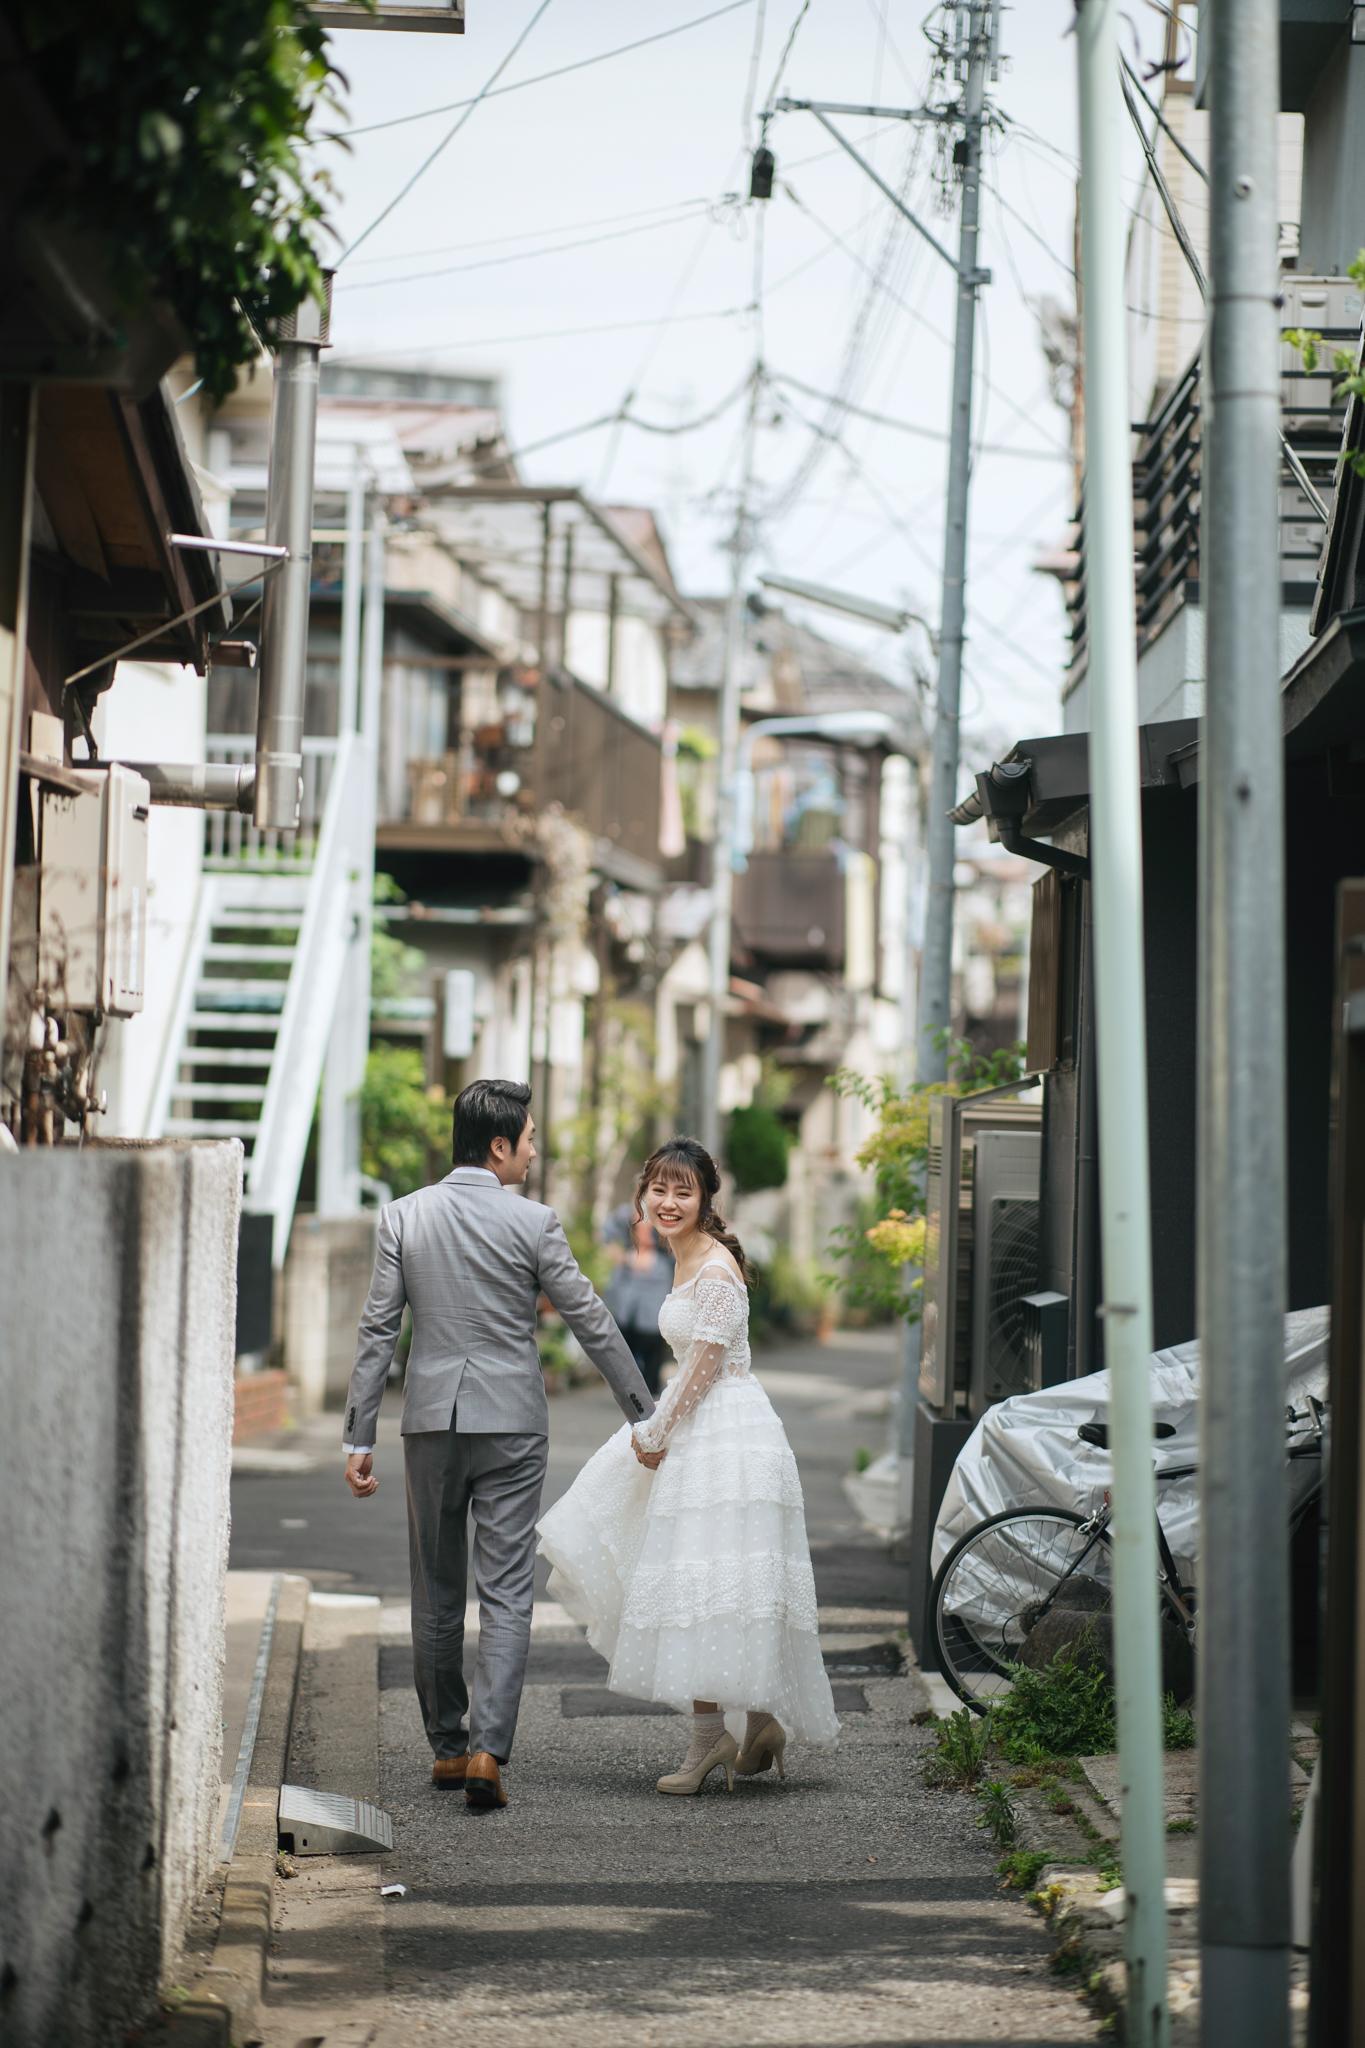 東京婚紗, Tokyo, Donfer, EASTERN WEDDING, 海外婚紗, 和服婚紗, 自主婚紗, 色打掛